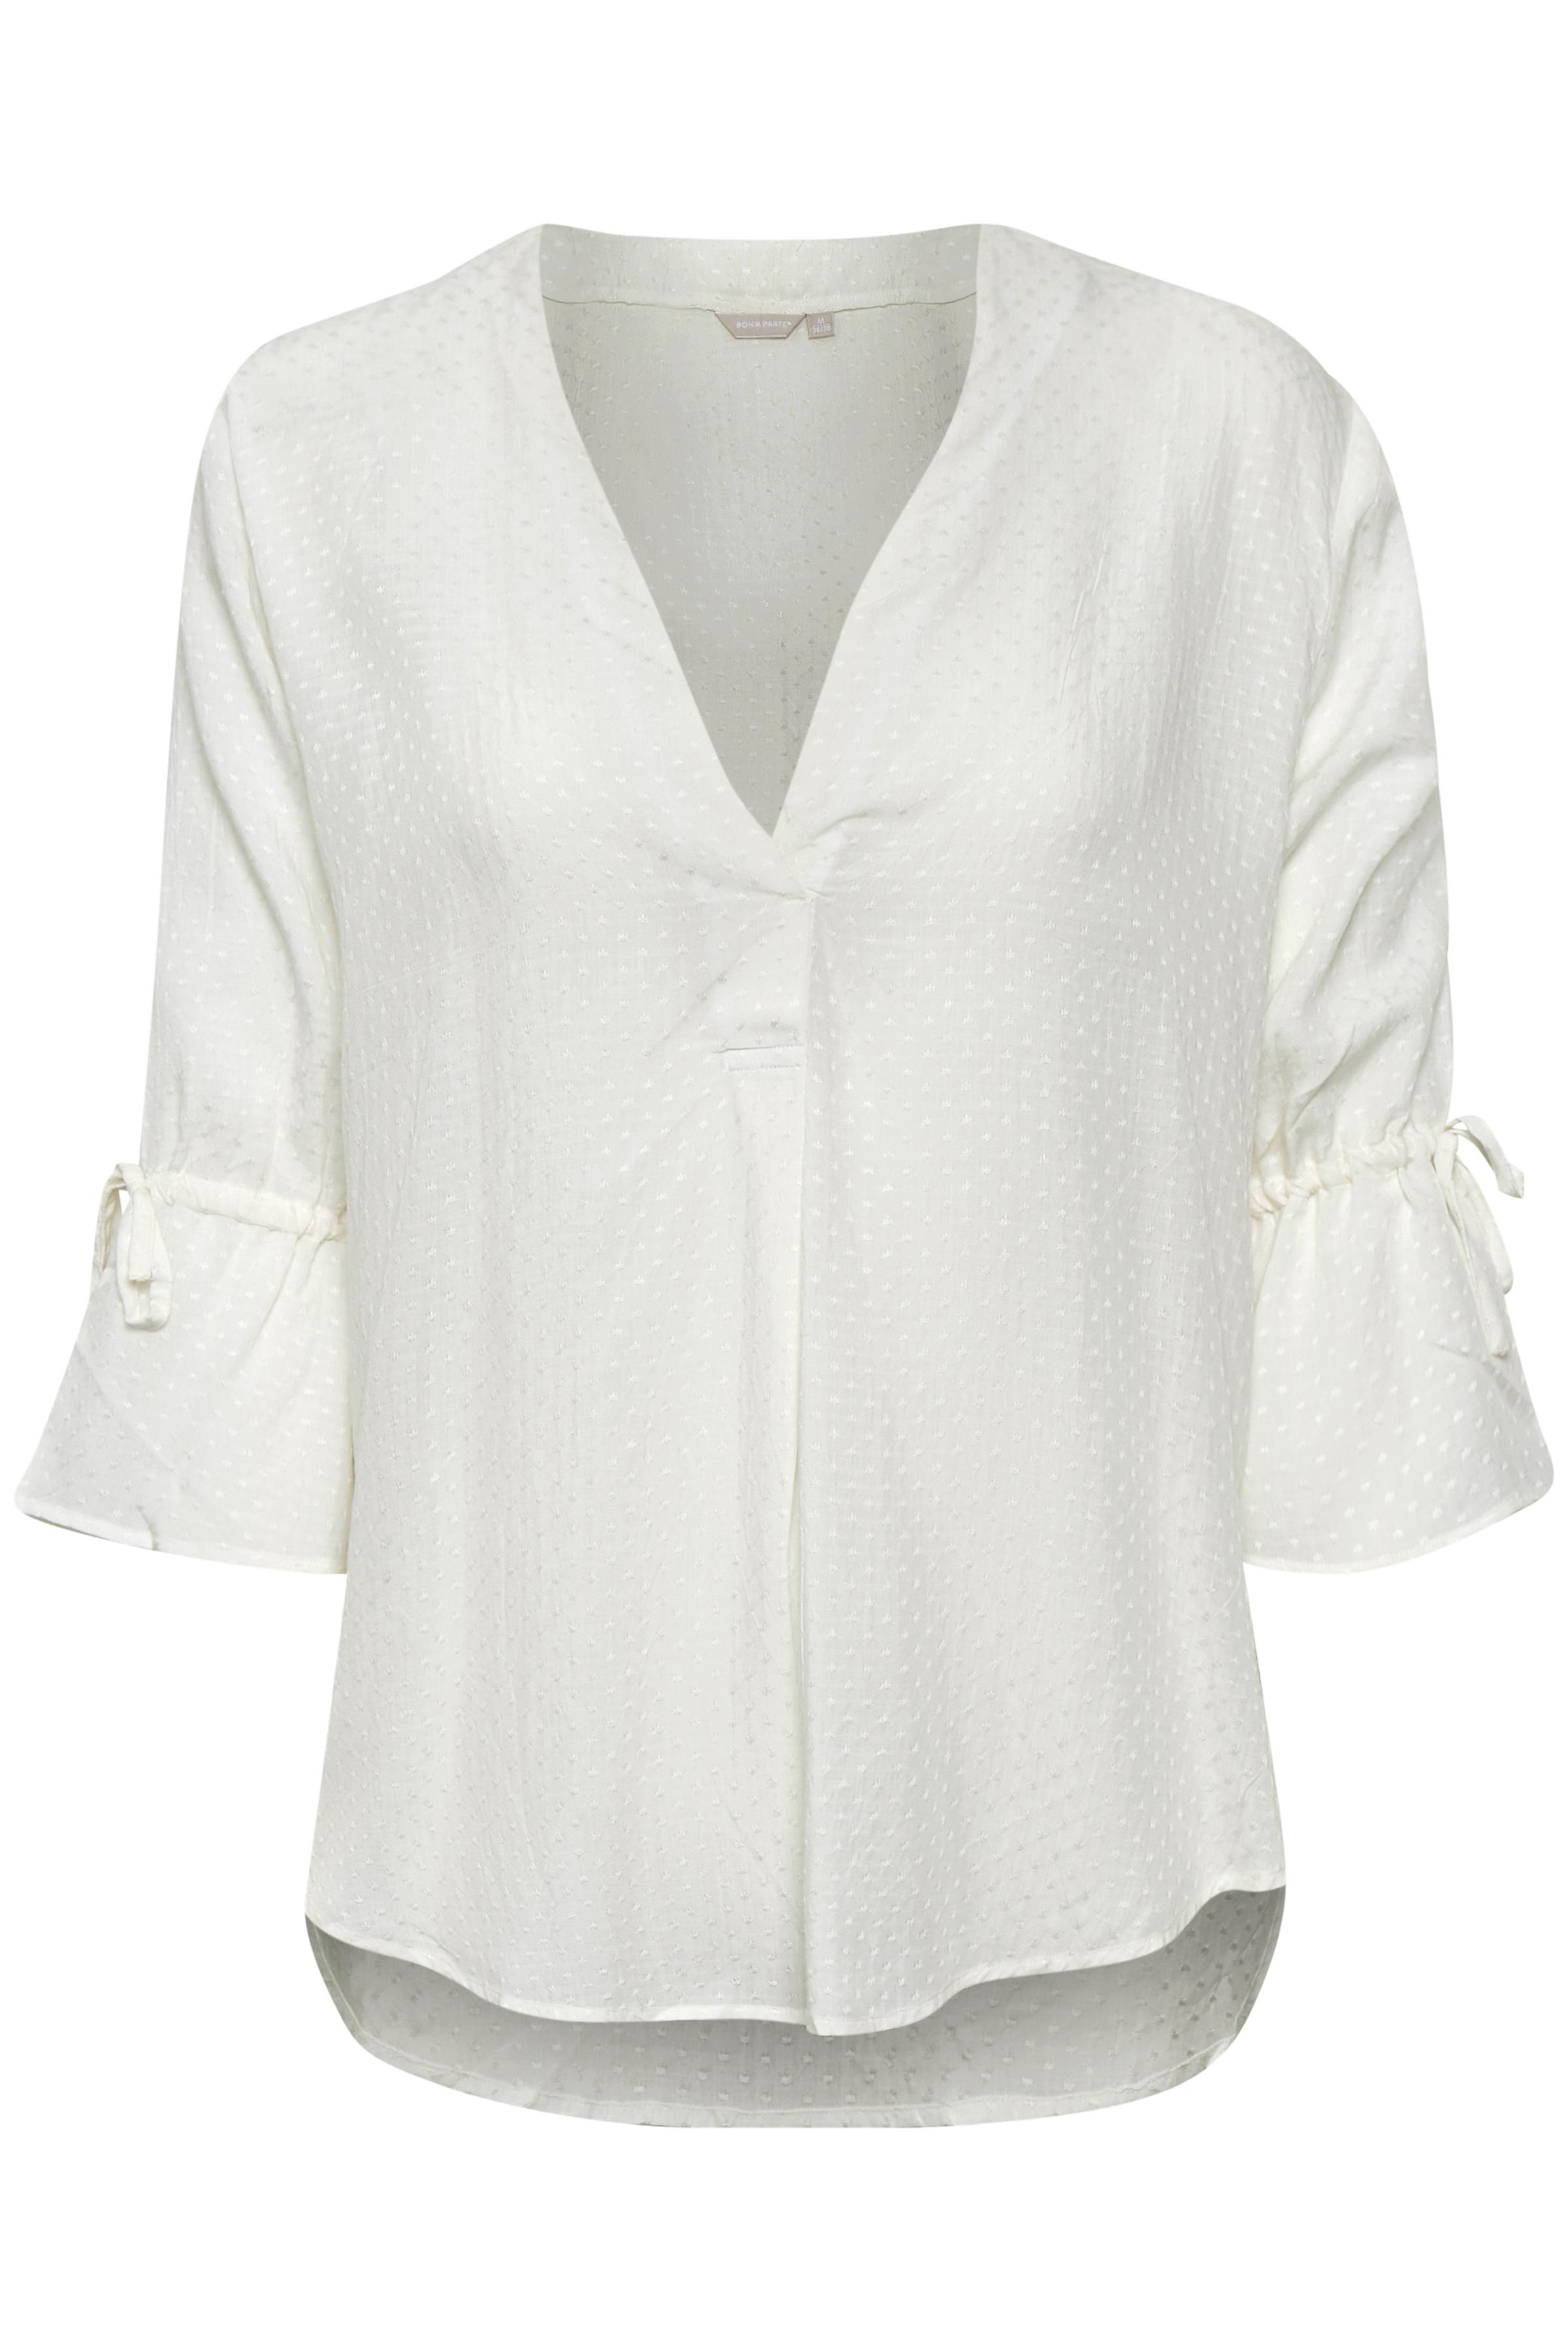 Off-white Shirt  van Bon'A Parte – Door Off-white Shirt  van maat. S-2XL hier